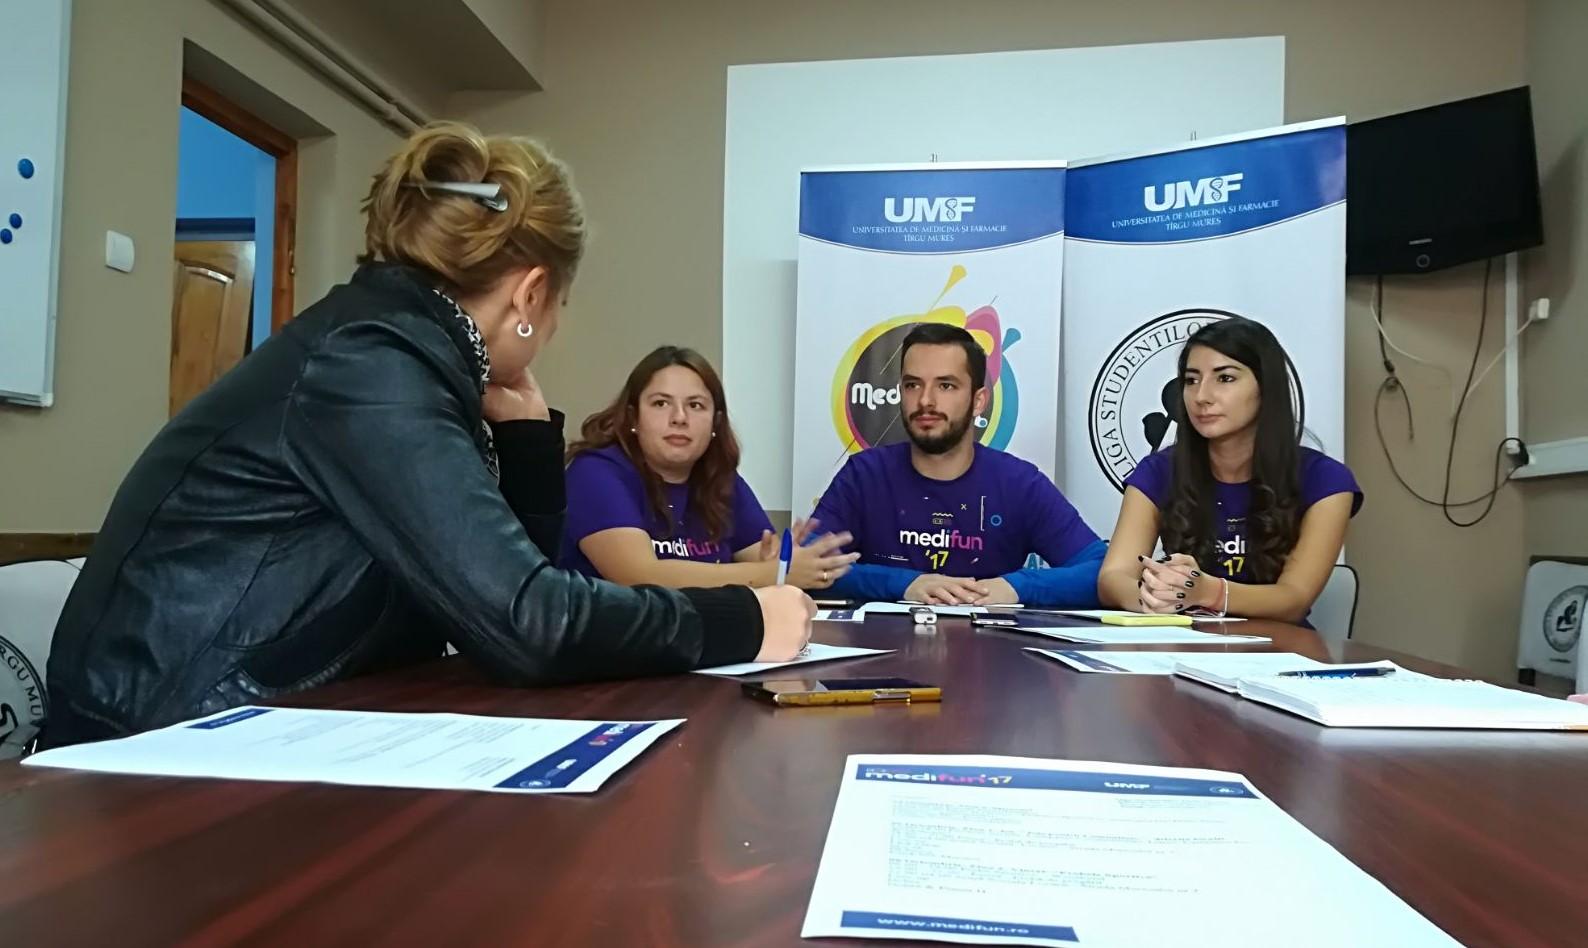 Medifun, festivalul care încurajează pasiunile studenților UMF Tîrgu Mureș